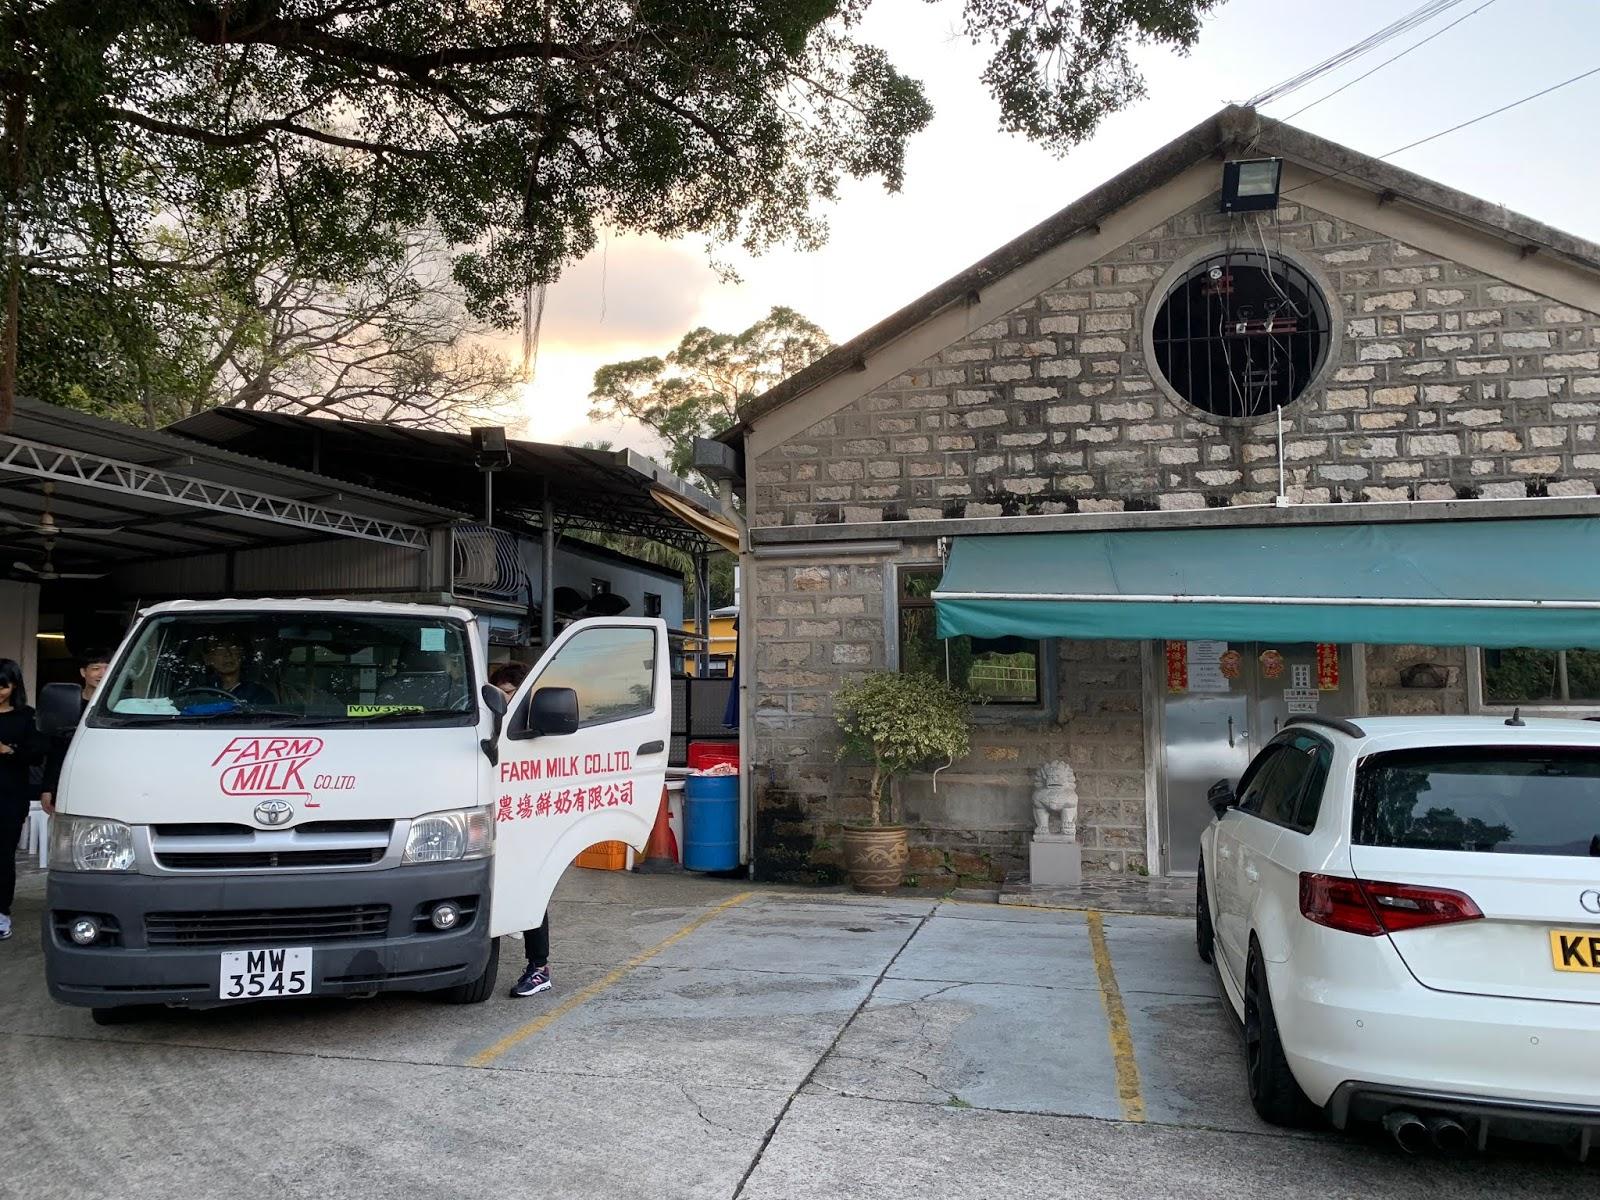 香港自駕飲食篇 Hong Kong:Farm Milk Co. Ltd. 農場鮮奶有限公司 - 貪玩辣車車 Caroline Loves Travel - 旅遊達人博客